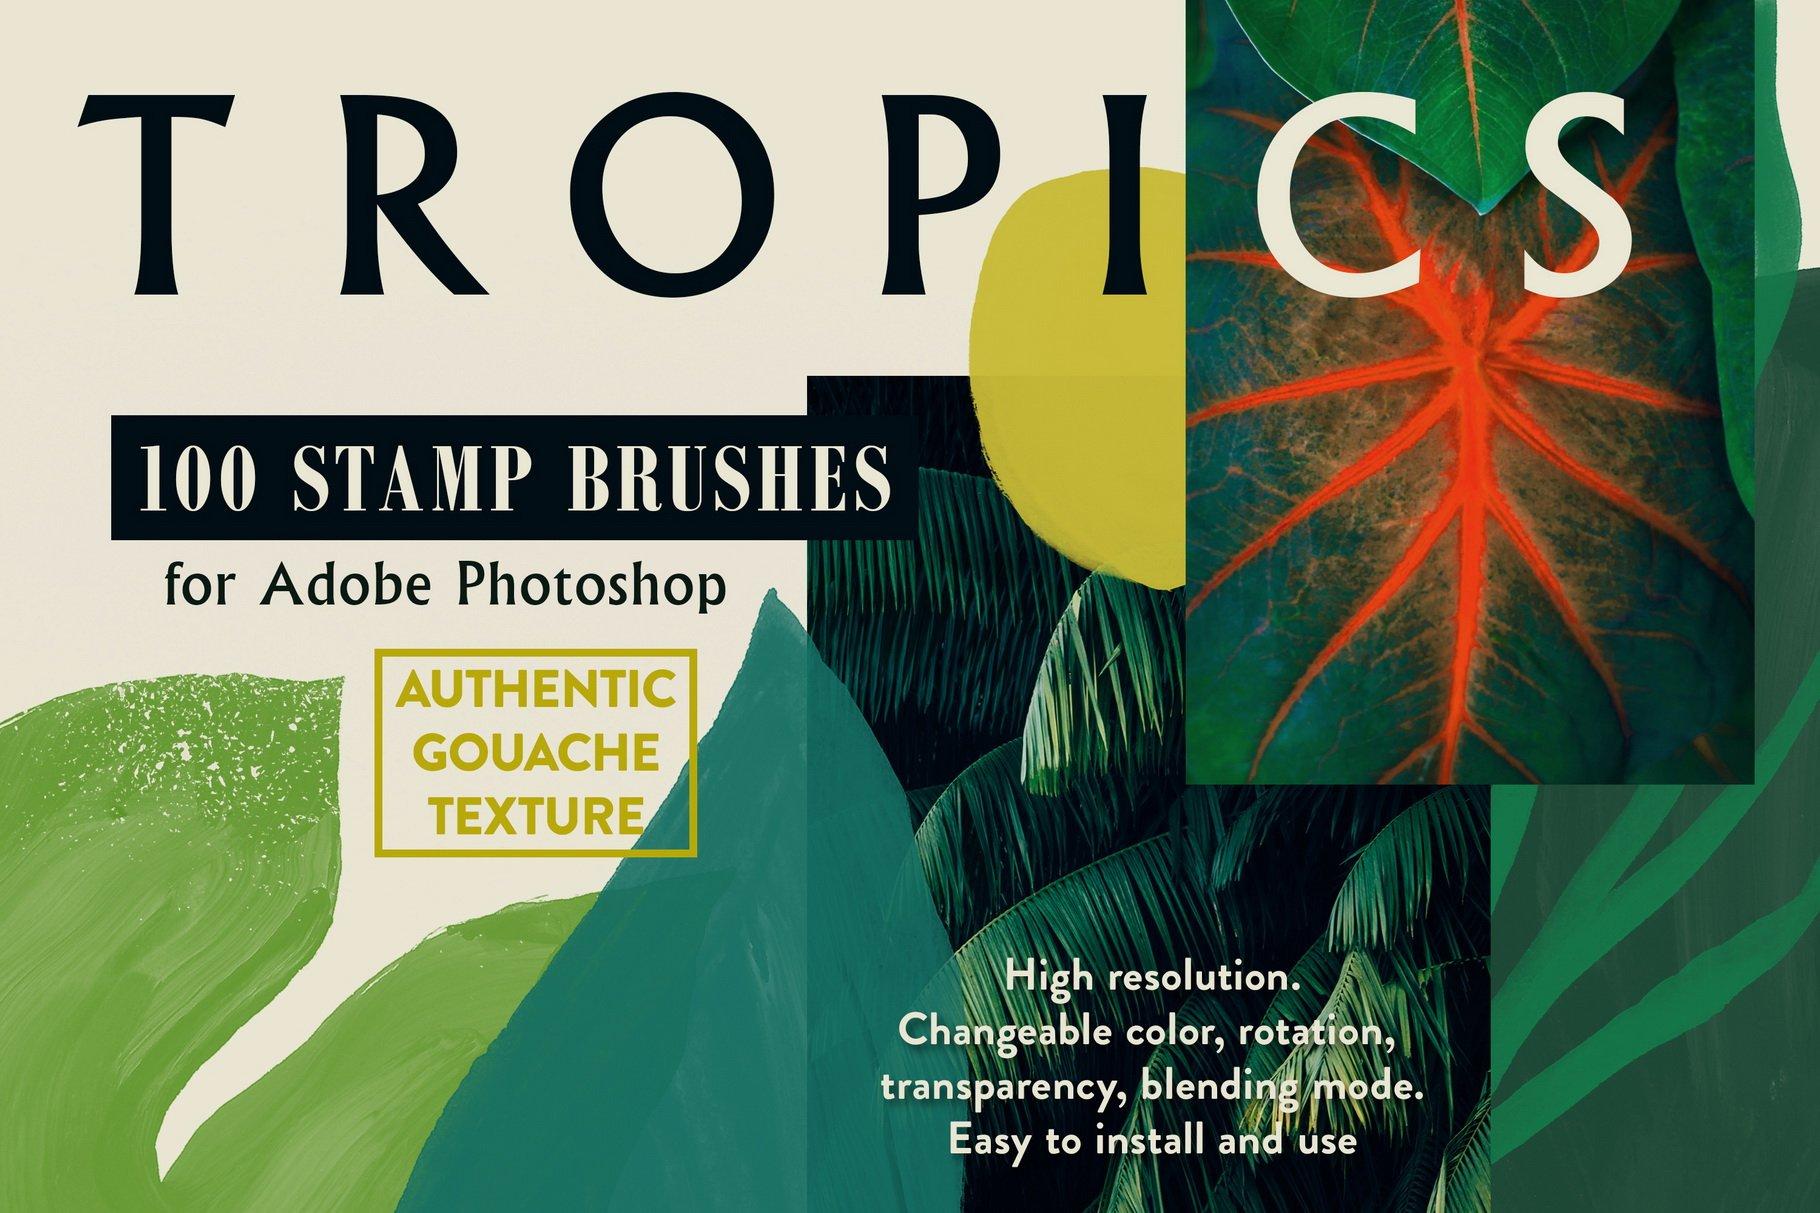 775款艺术气息水彩水墨丙烯酸绘画效果PS图章笔刷素材 Photoshop Stamp Brushes Bundle 2020插图18